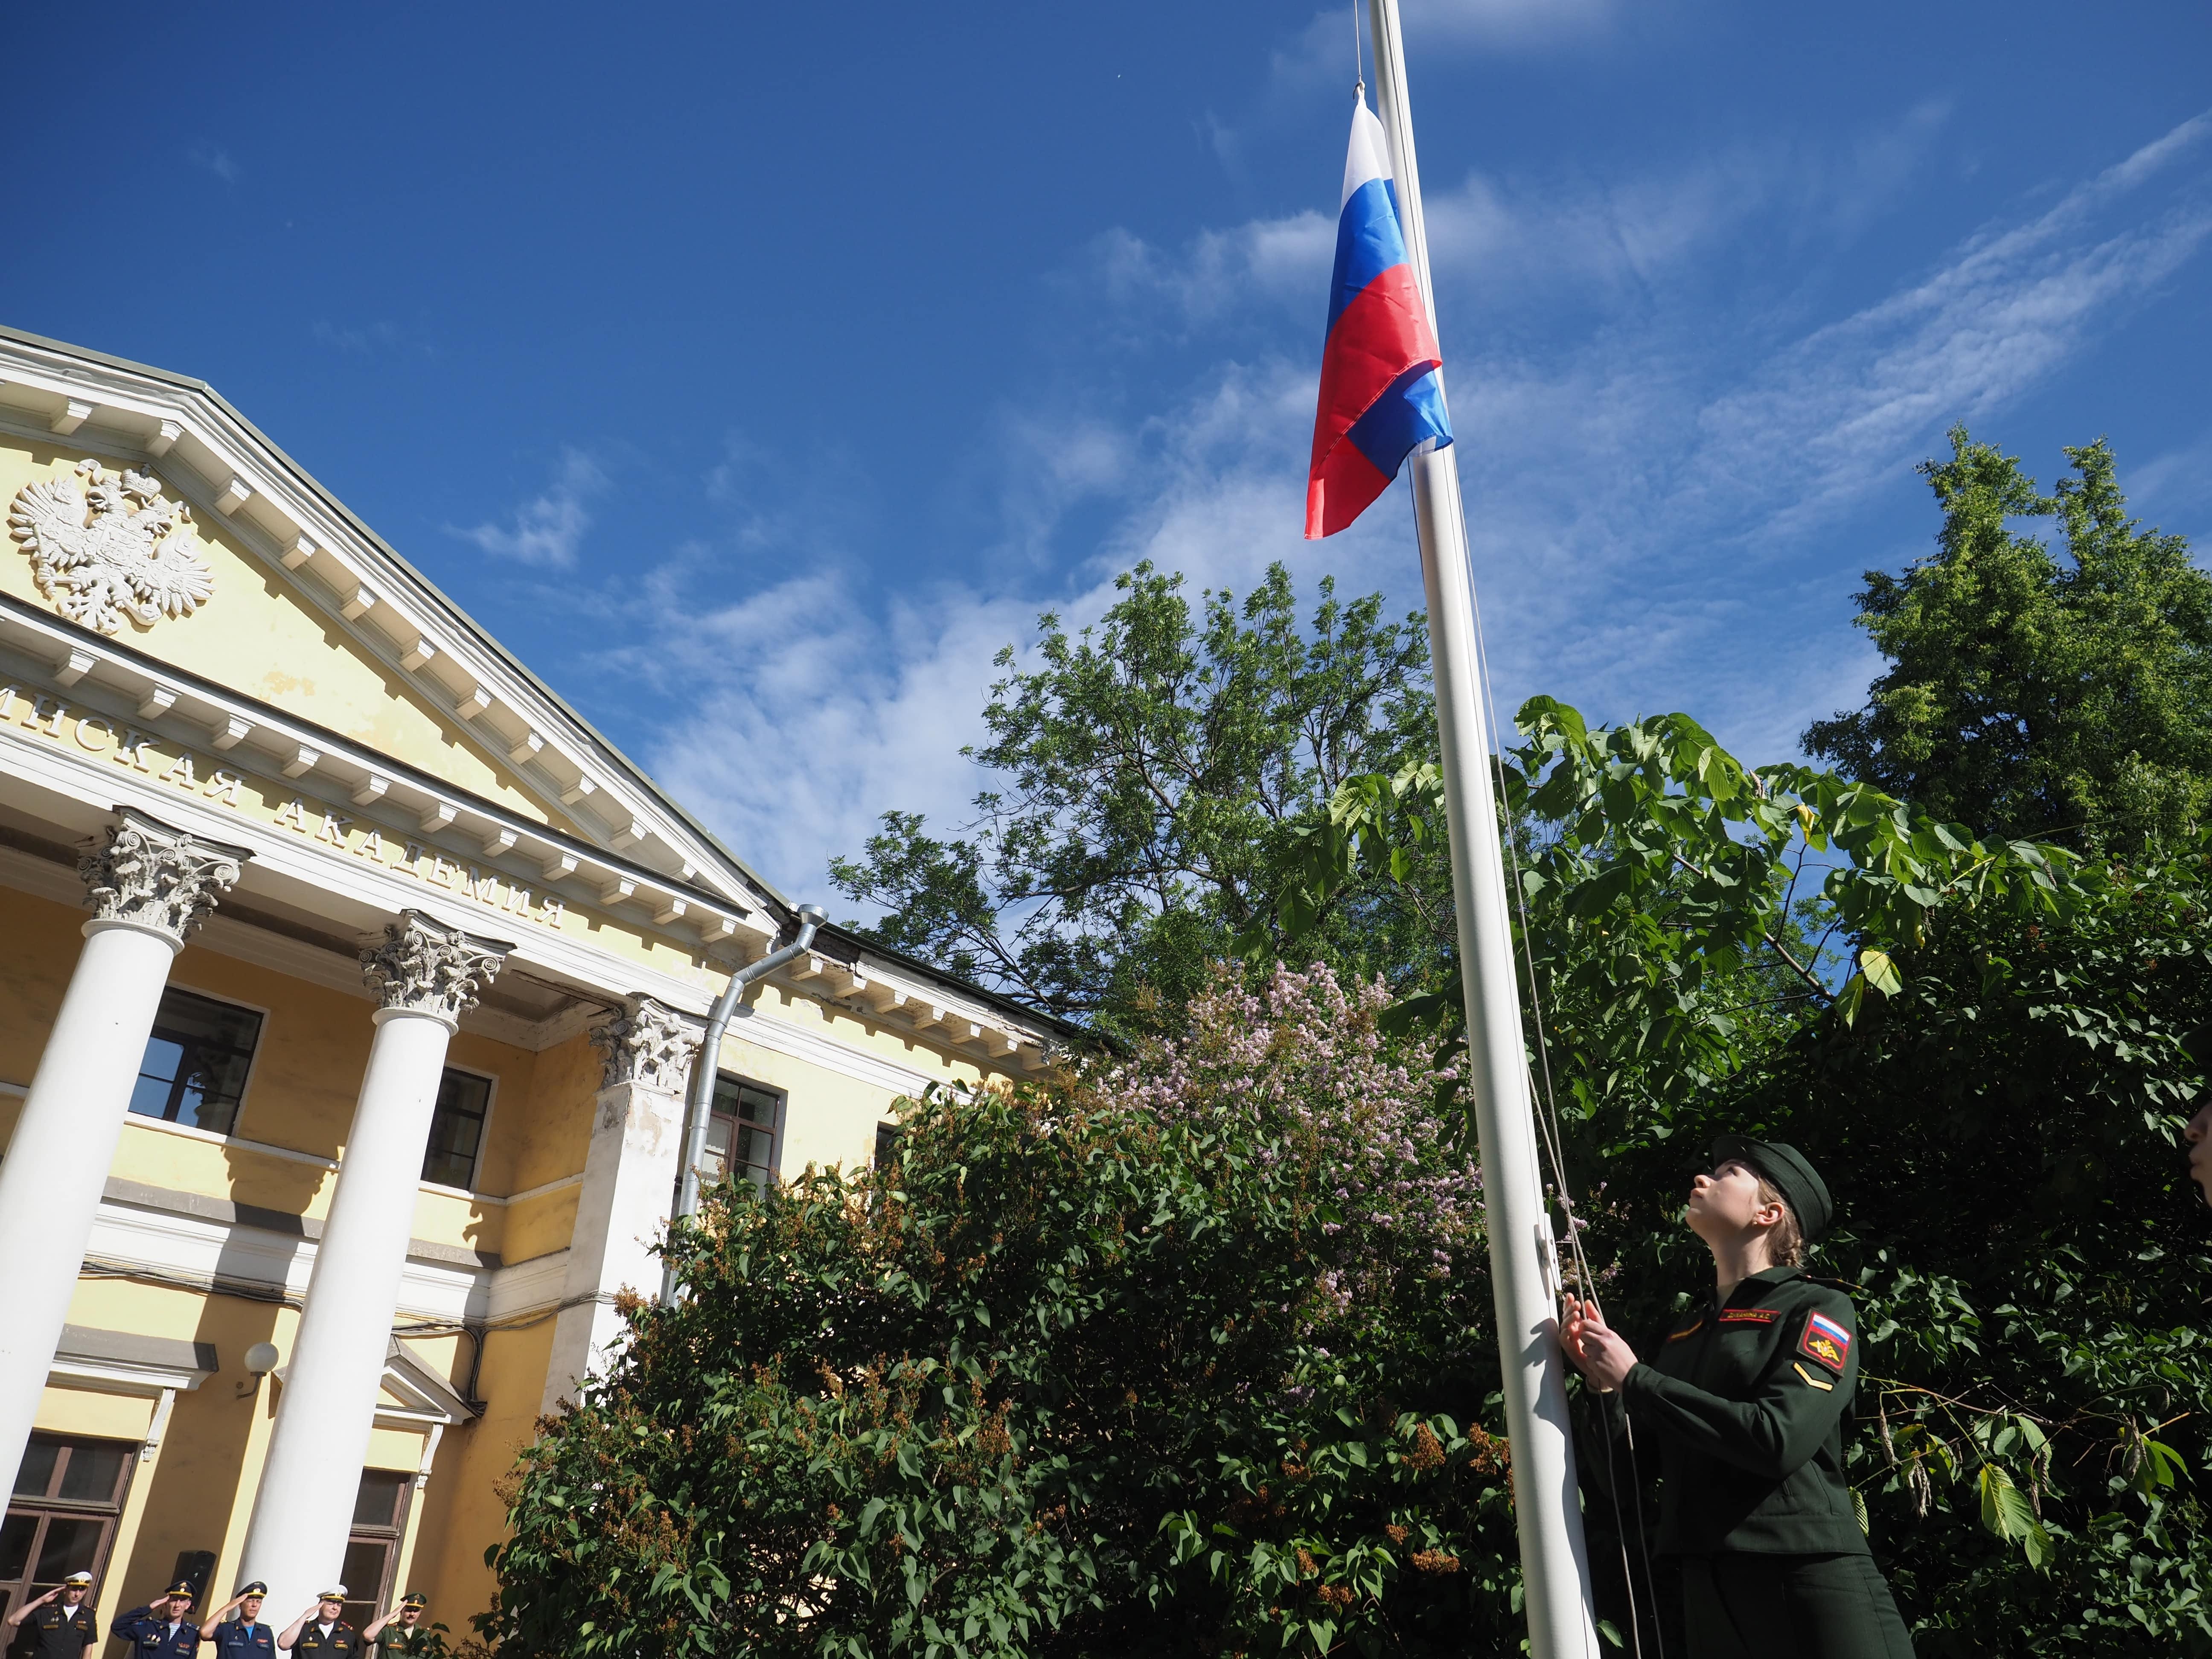 В торжественном поднятии государственного флага в день России приняли участие курсанты всех факультетов Военно-медицинской академии